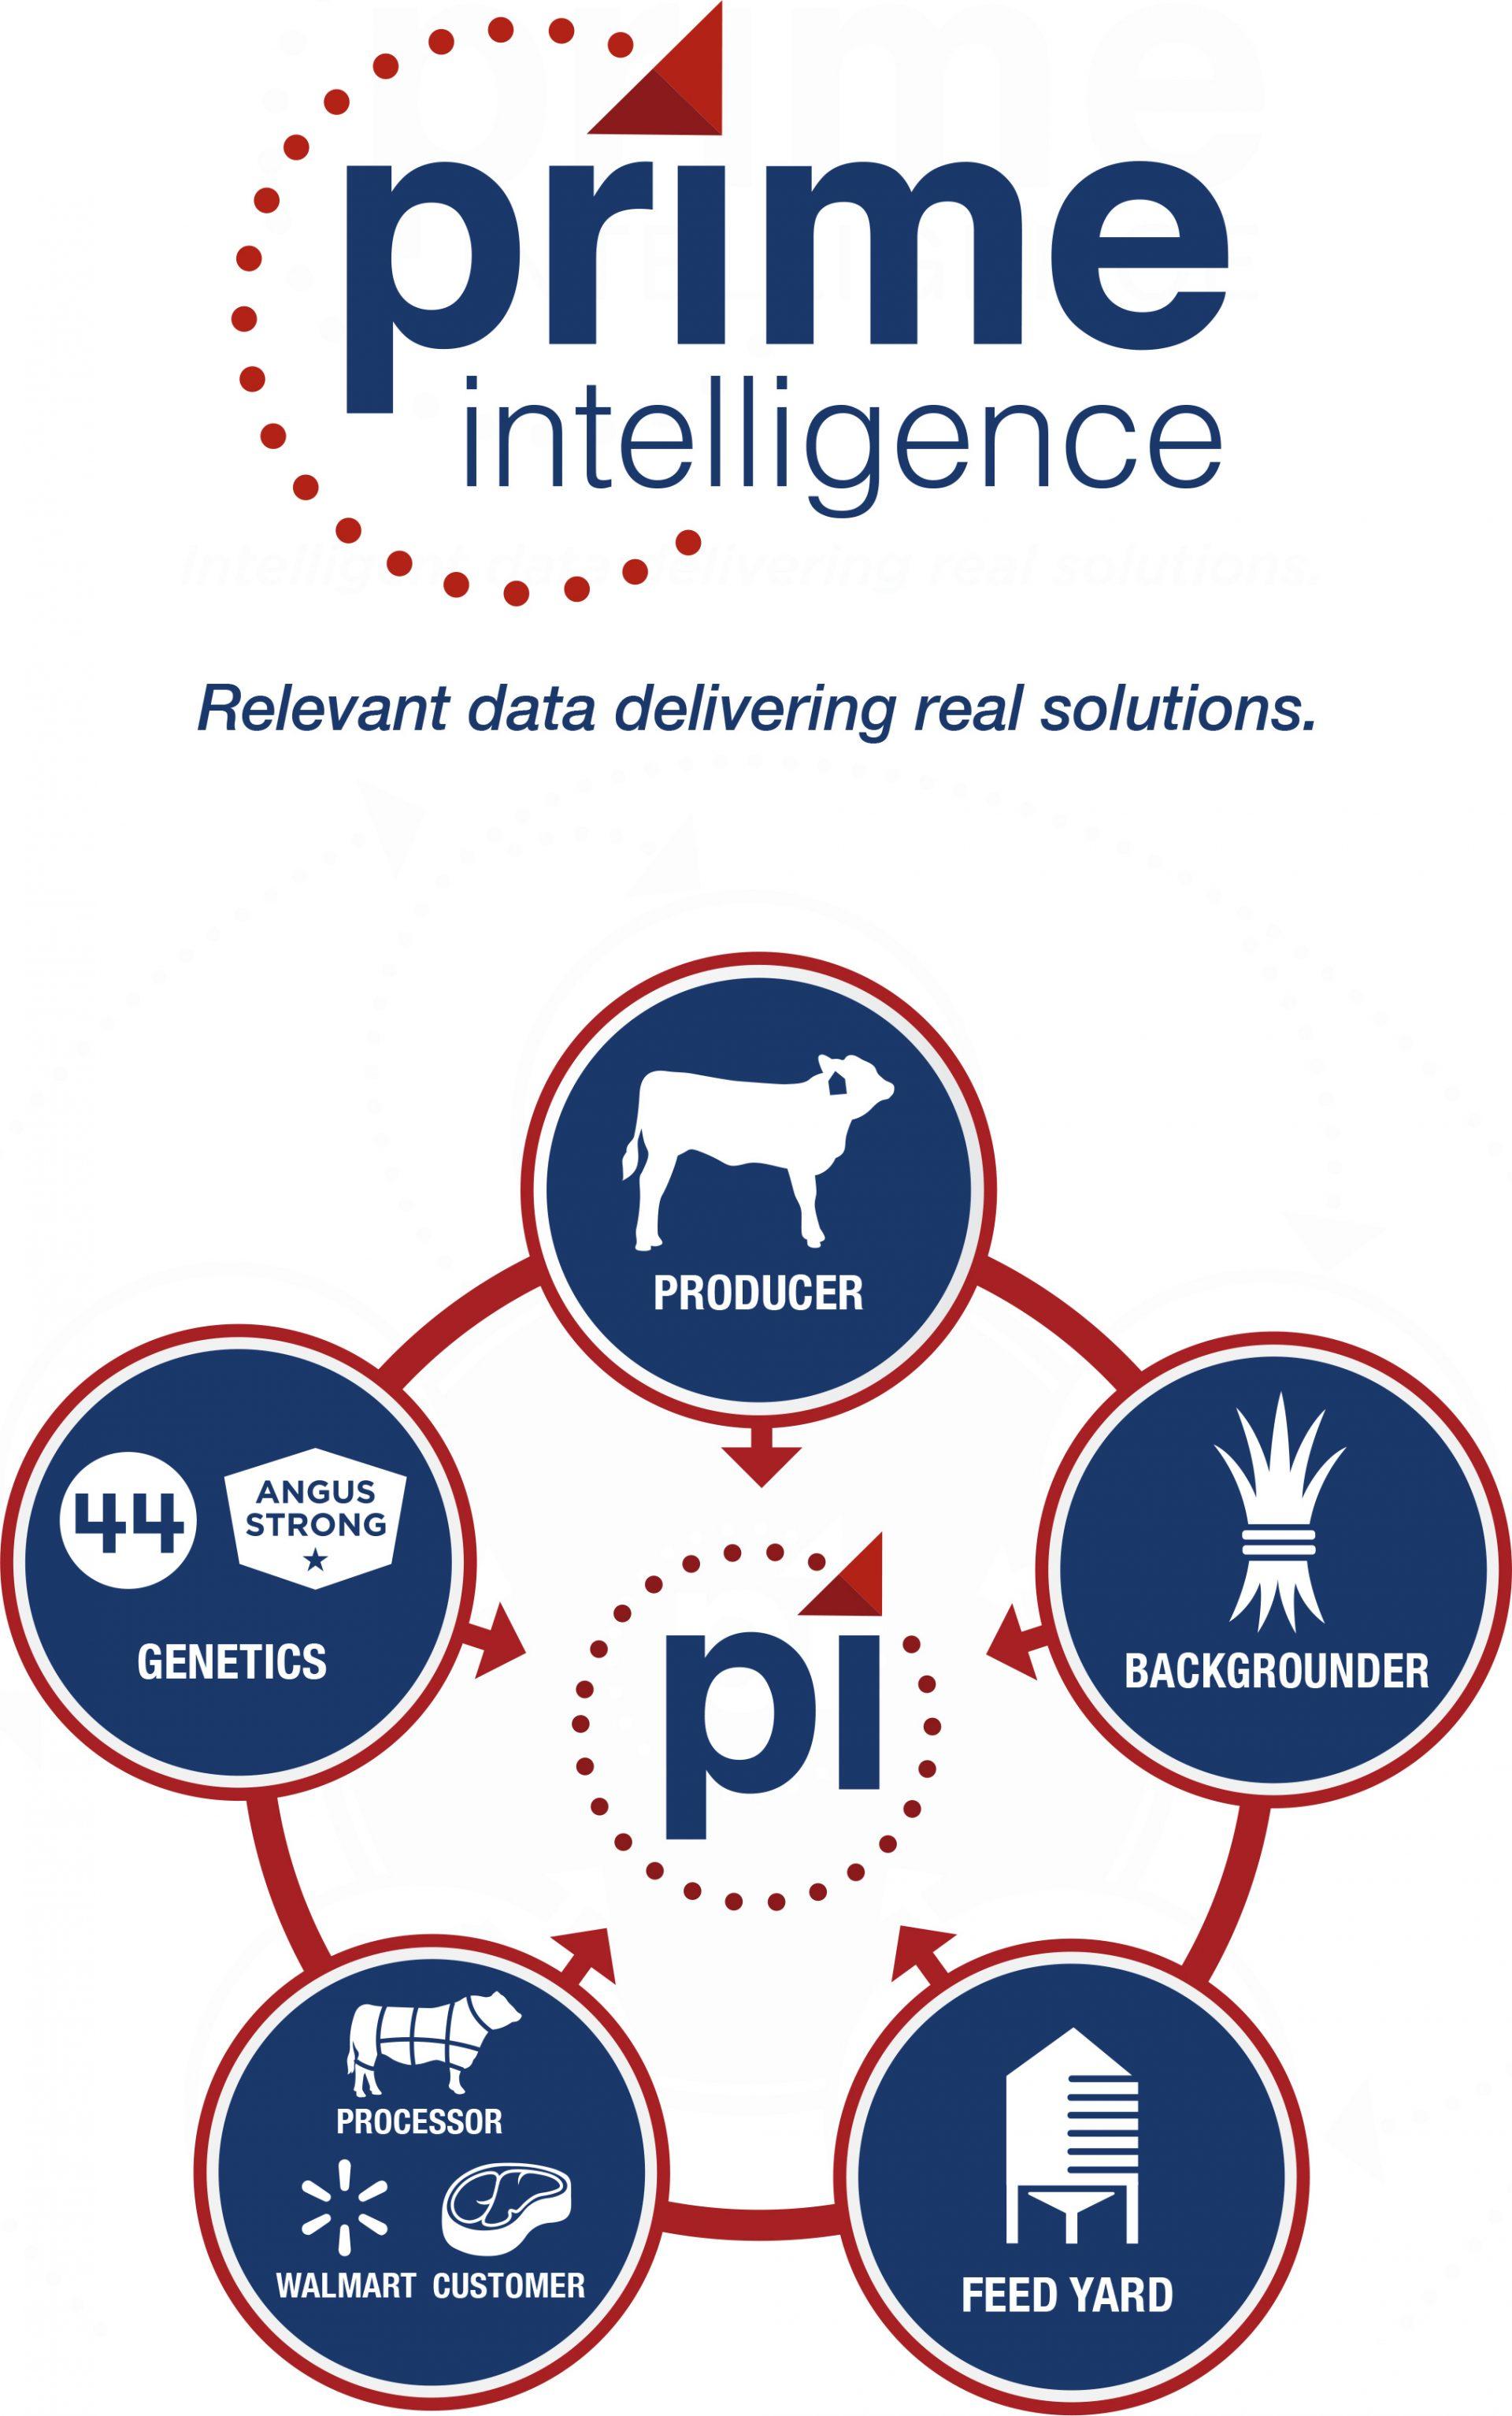 Prime Intelligence - Intelligent data delivering real solutions.